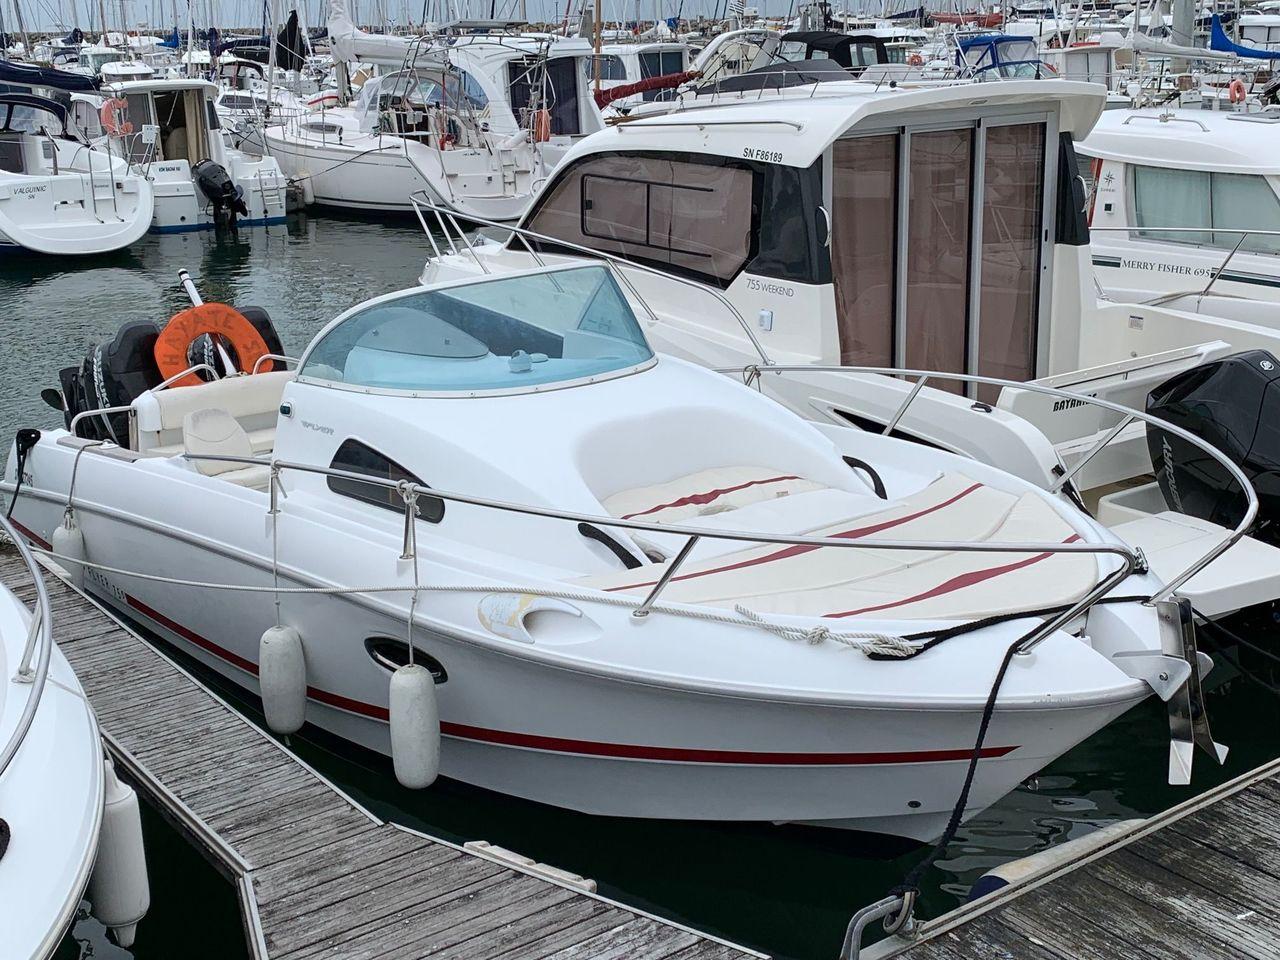 BENETEAU FLYER 750 WA hors-bord